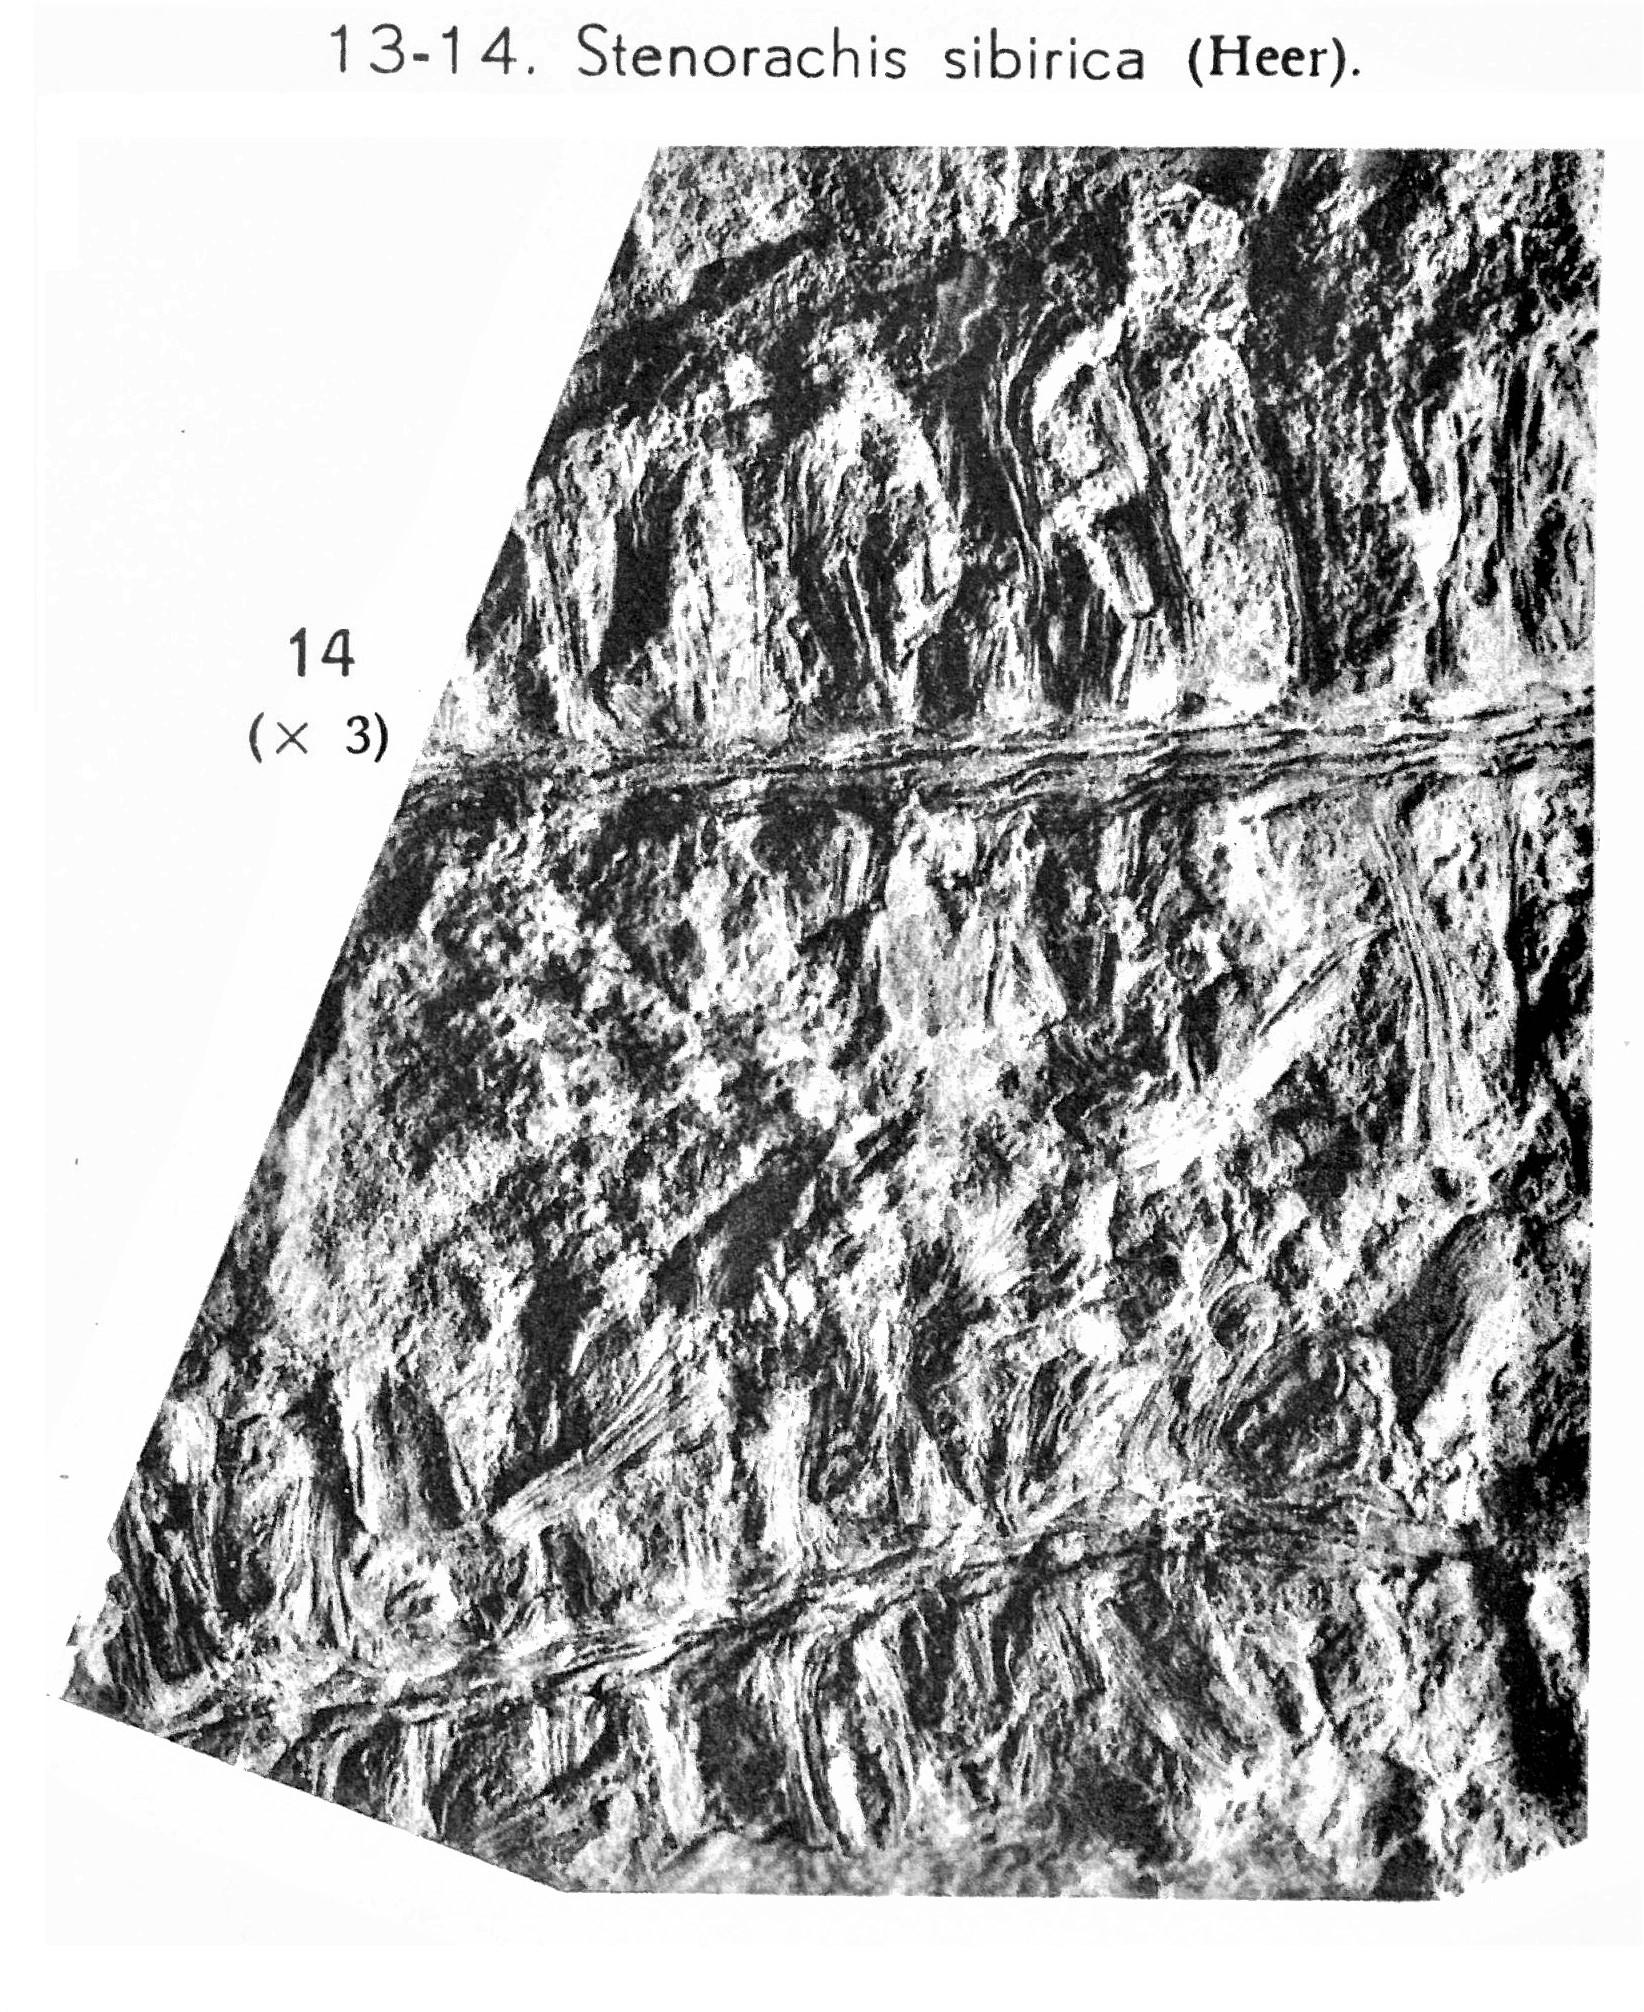 Pl. VI ; Fig 14